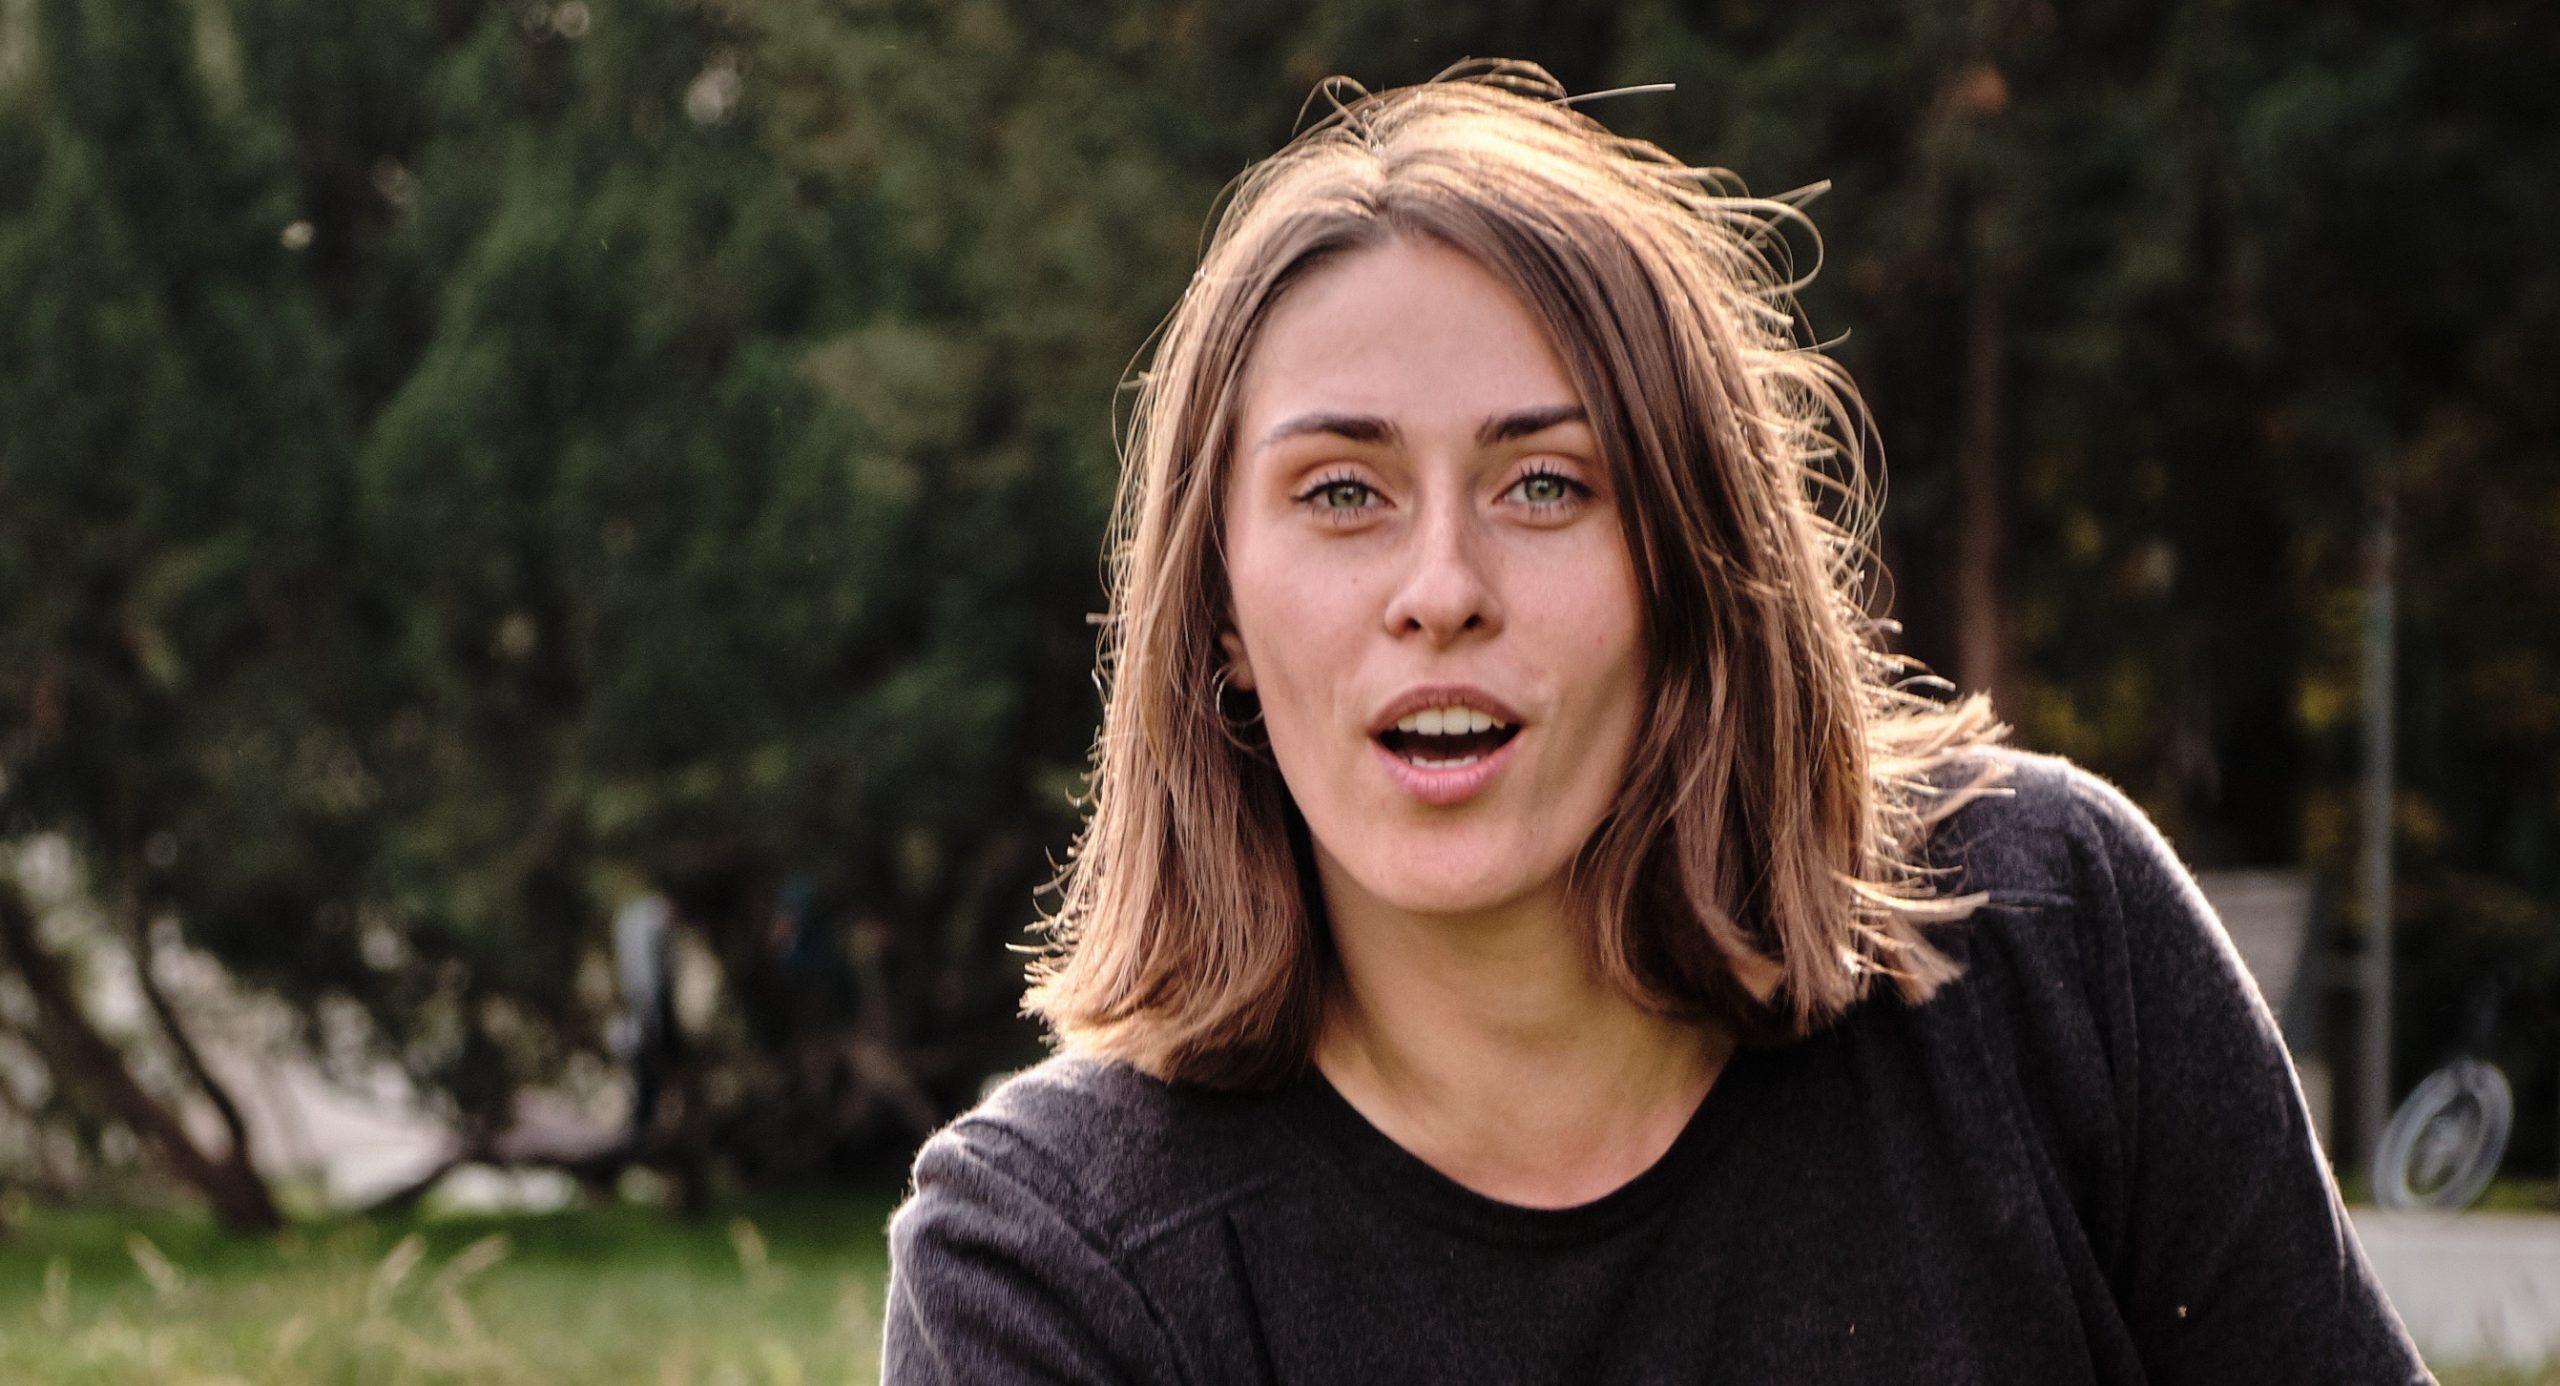 Dagmar Damazyn